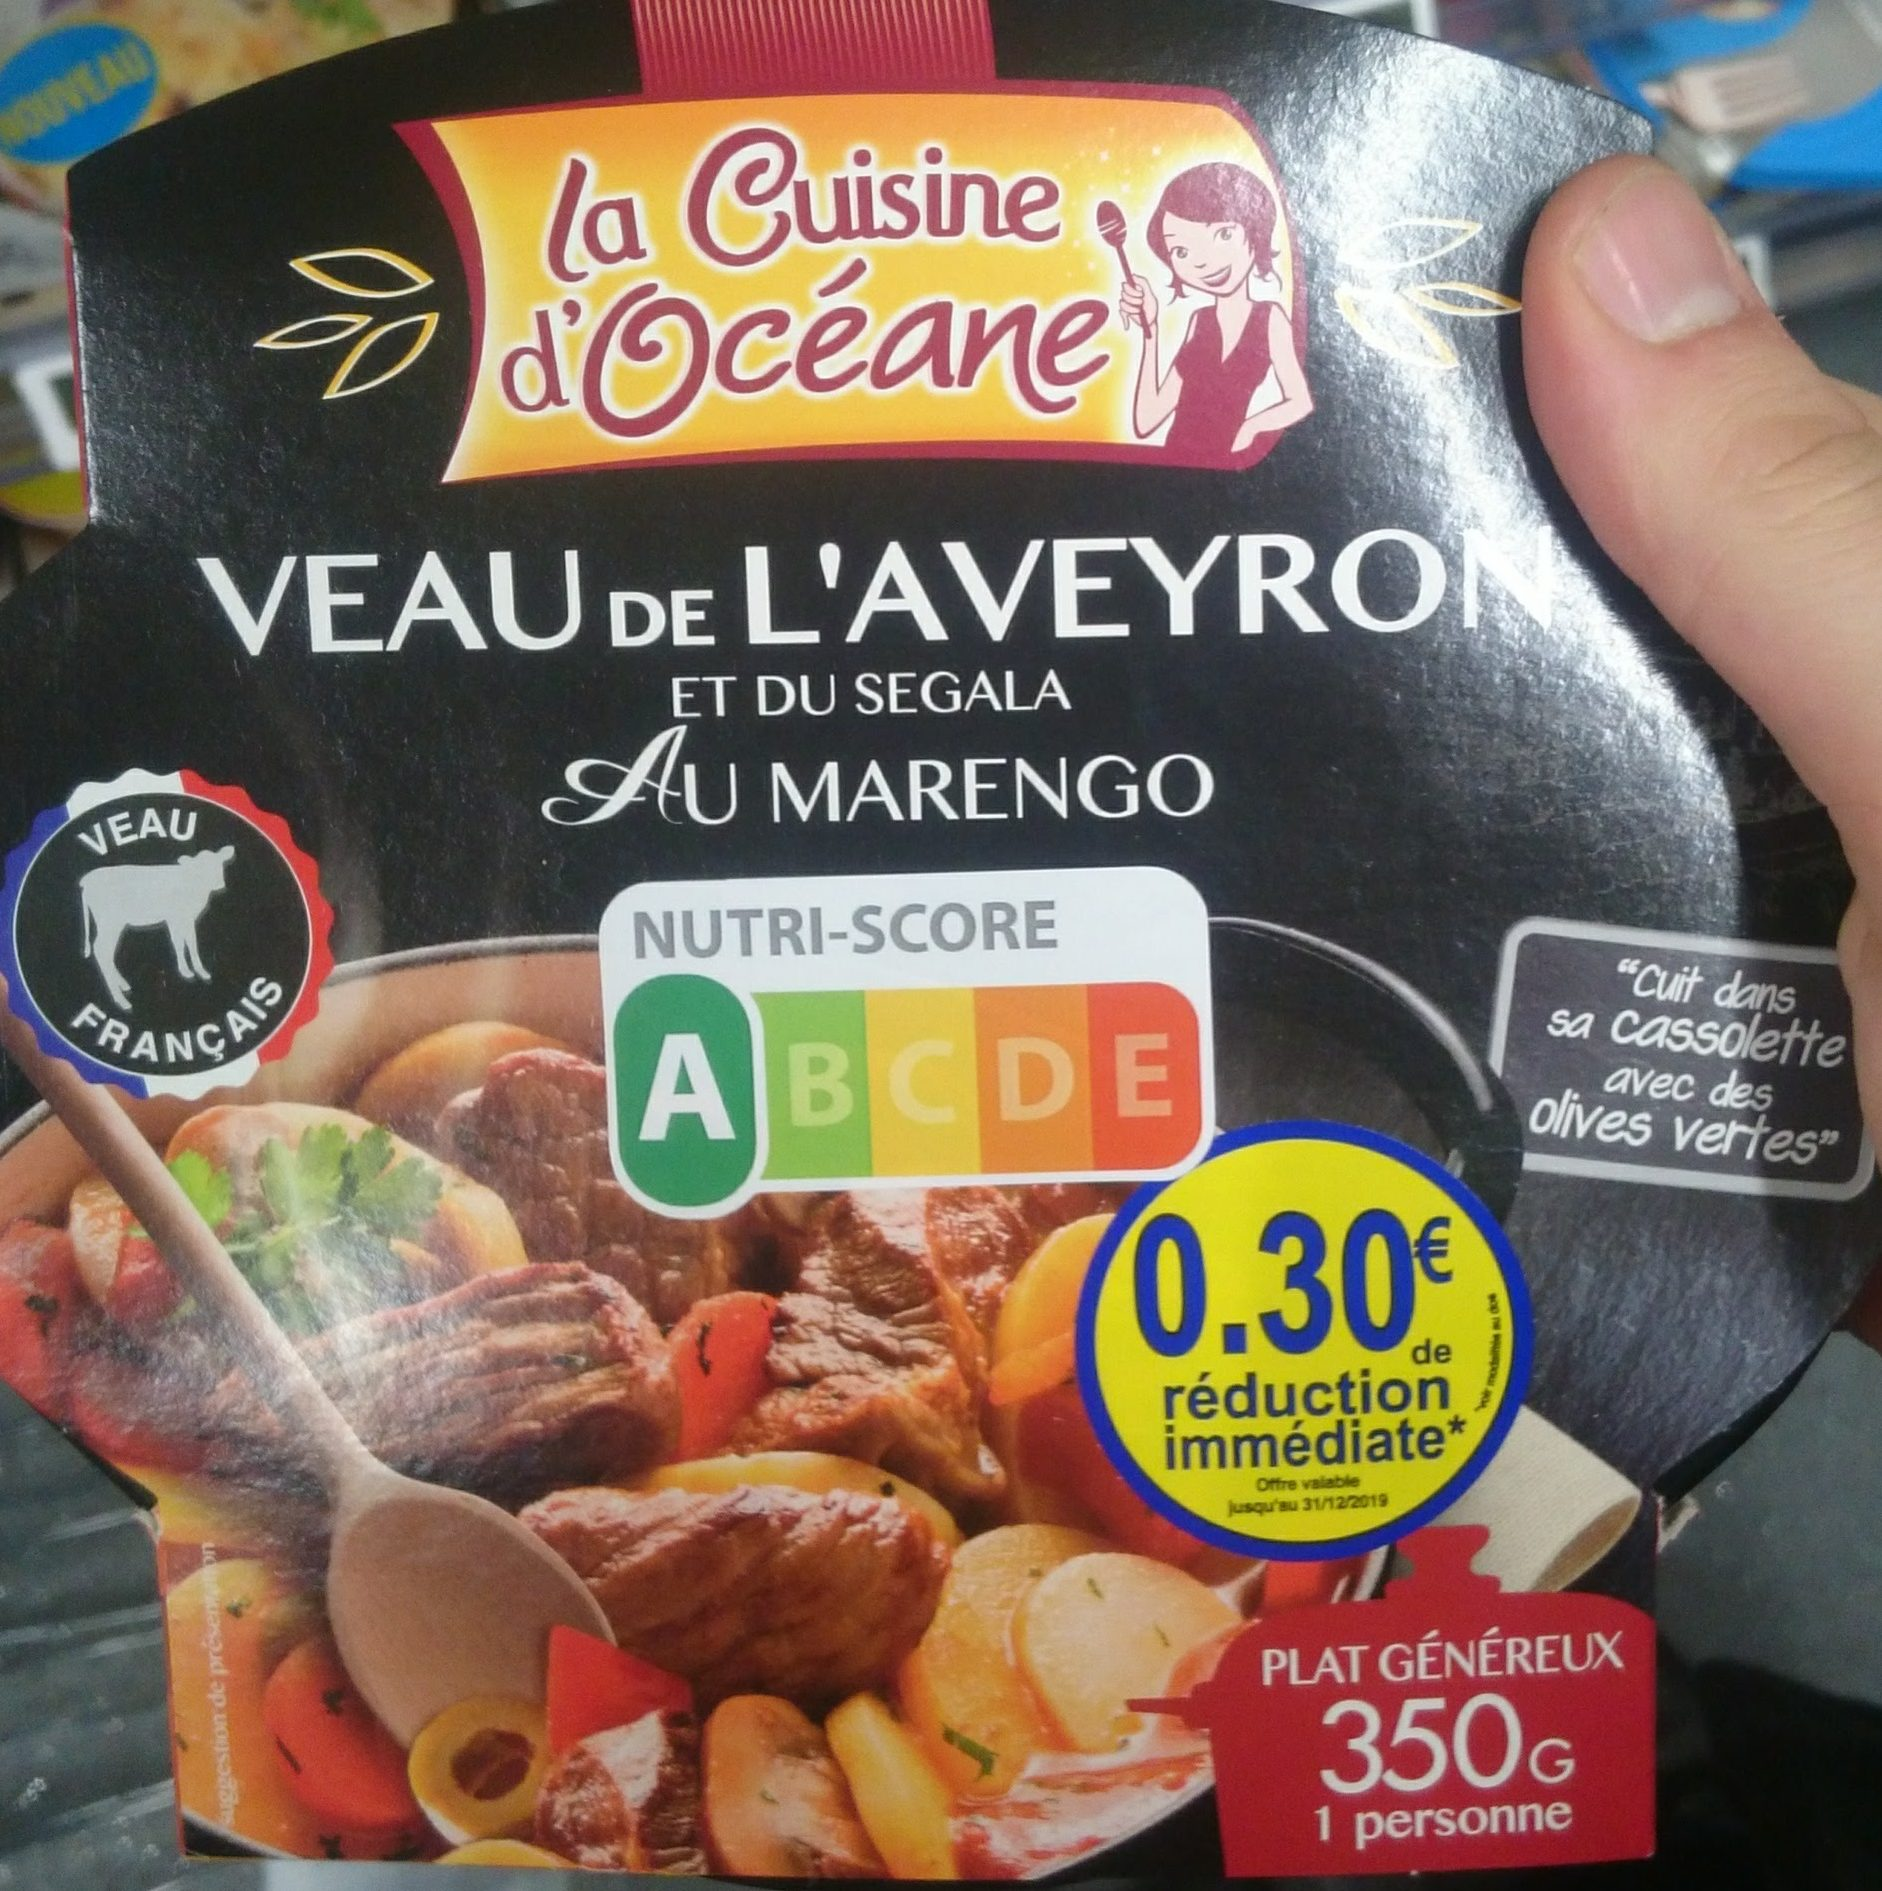 Veau de l'Aveyron et du Segala au Marengo - Produit - fr